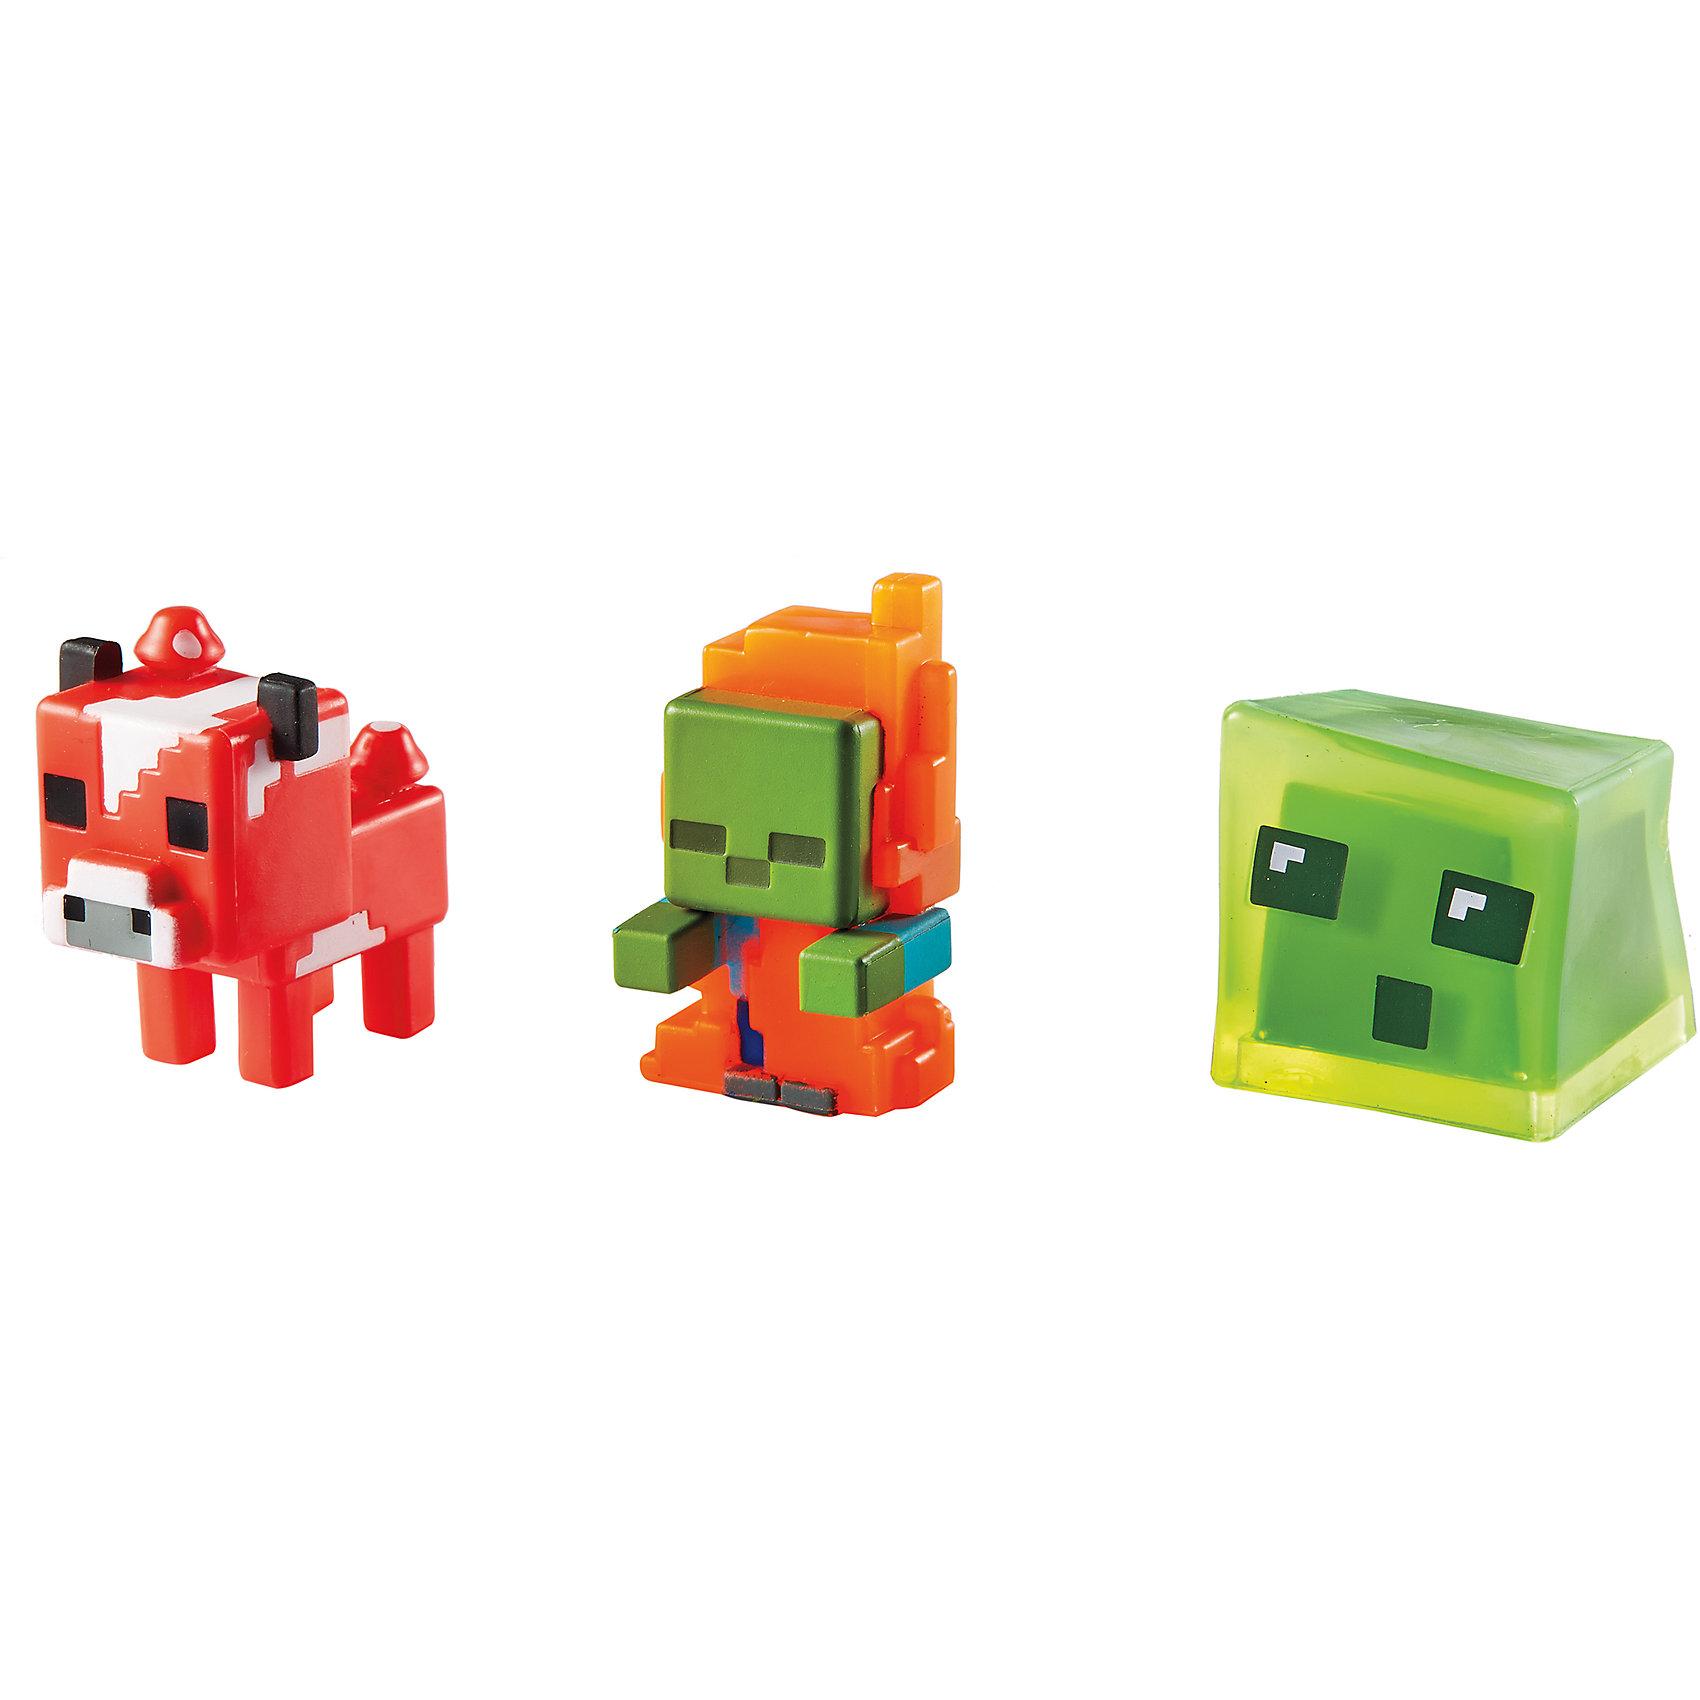 Набор из 3х фигурок  MinecraftФигурки приведут в восторг всех поклонников Minecraft. Они прекрасно детализированы, реалистично раскрашены, очень похожи на героев компьютерной игры. Собери все фигурки, создавай свои мир Майнкрафт прямо на письменном столе или там, где ты пожелаешь! Игрушки выполнены из высококачественных экологичных материалов безопасных для детей. В наборе: Слизень, Огненный зомби, Грибная корова. <br><br>Дополнительная информация:<br><br>- Материал: пластик.<br>- Размер упаковки: 16,5х16,5х4 см.<br>- Размер фигурки: 3 см. <br>- 3 фигурки в комплекте. <br><br>Набор из 3х фигурок  Minecraft (Майнкрафт) можно купить в нашем магазине.<br><br>Ширина мм: 166<br>Глубина мм: 137<br>Высота мм: 30<br>Вес г: 37<br>Возраст от месяцев: 36<br>Возраст до месяцев: 72<br>Пол: Мужской<br>Возраст: Детский<br>SKU: 4557617